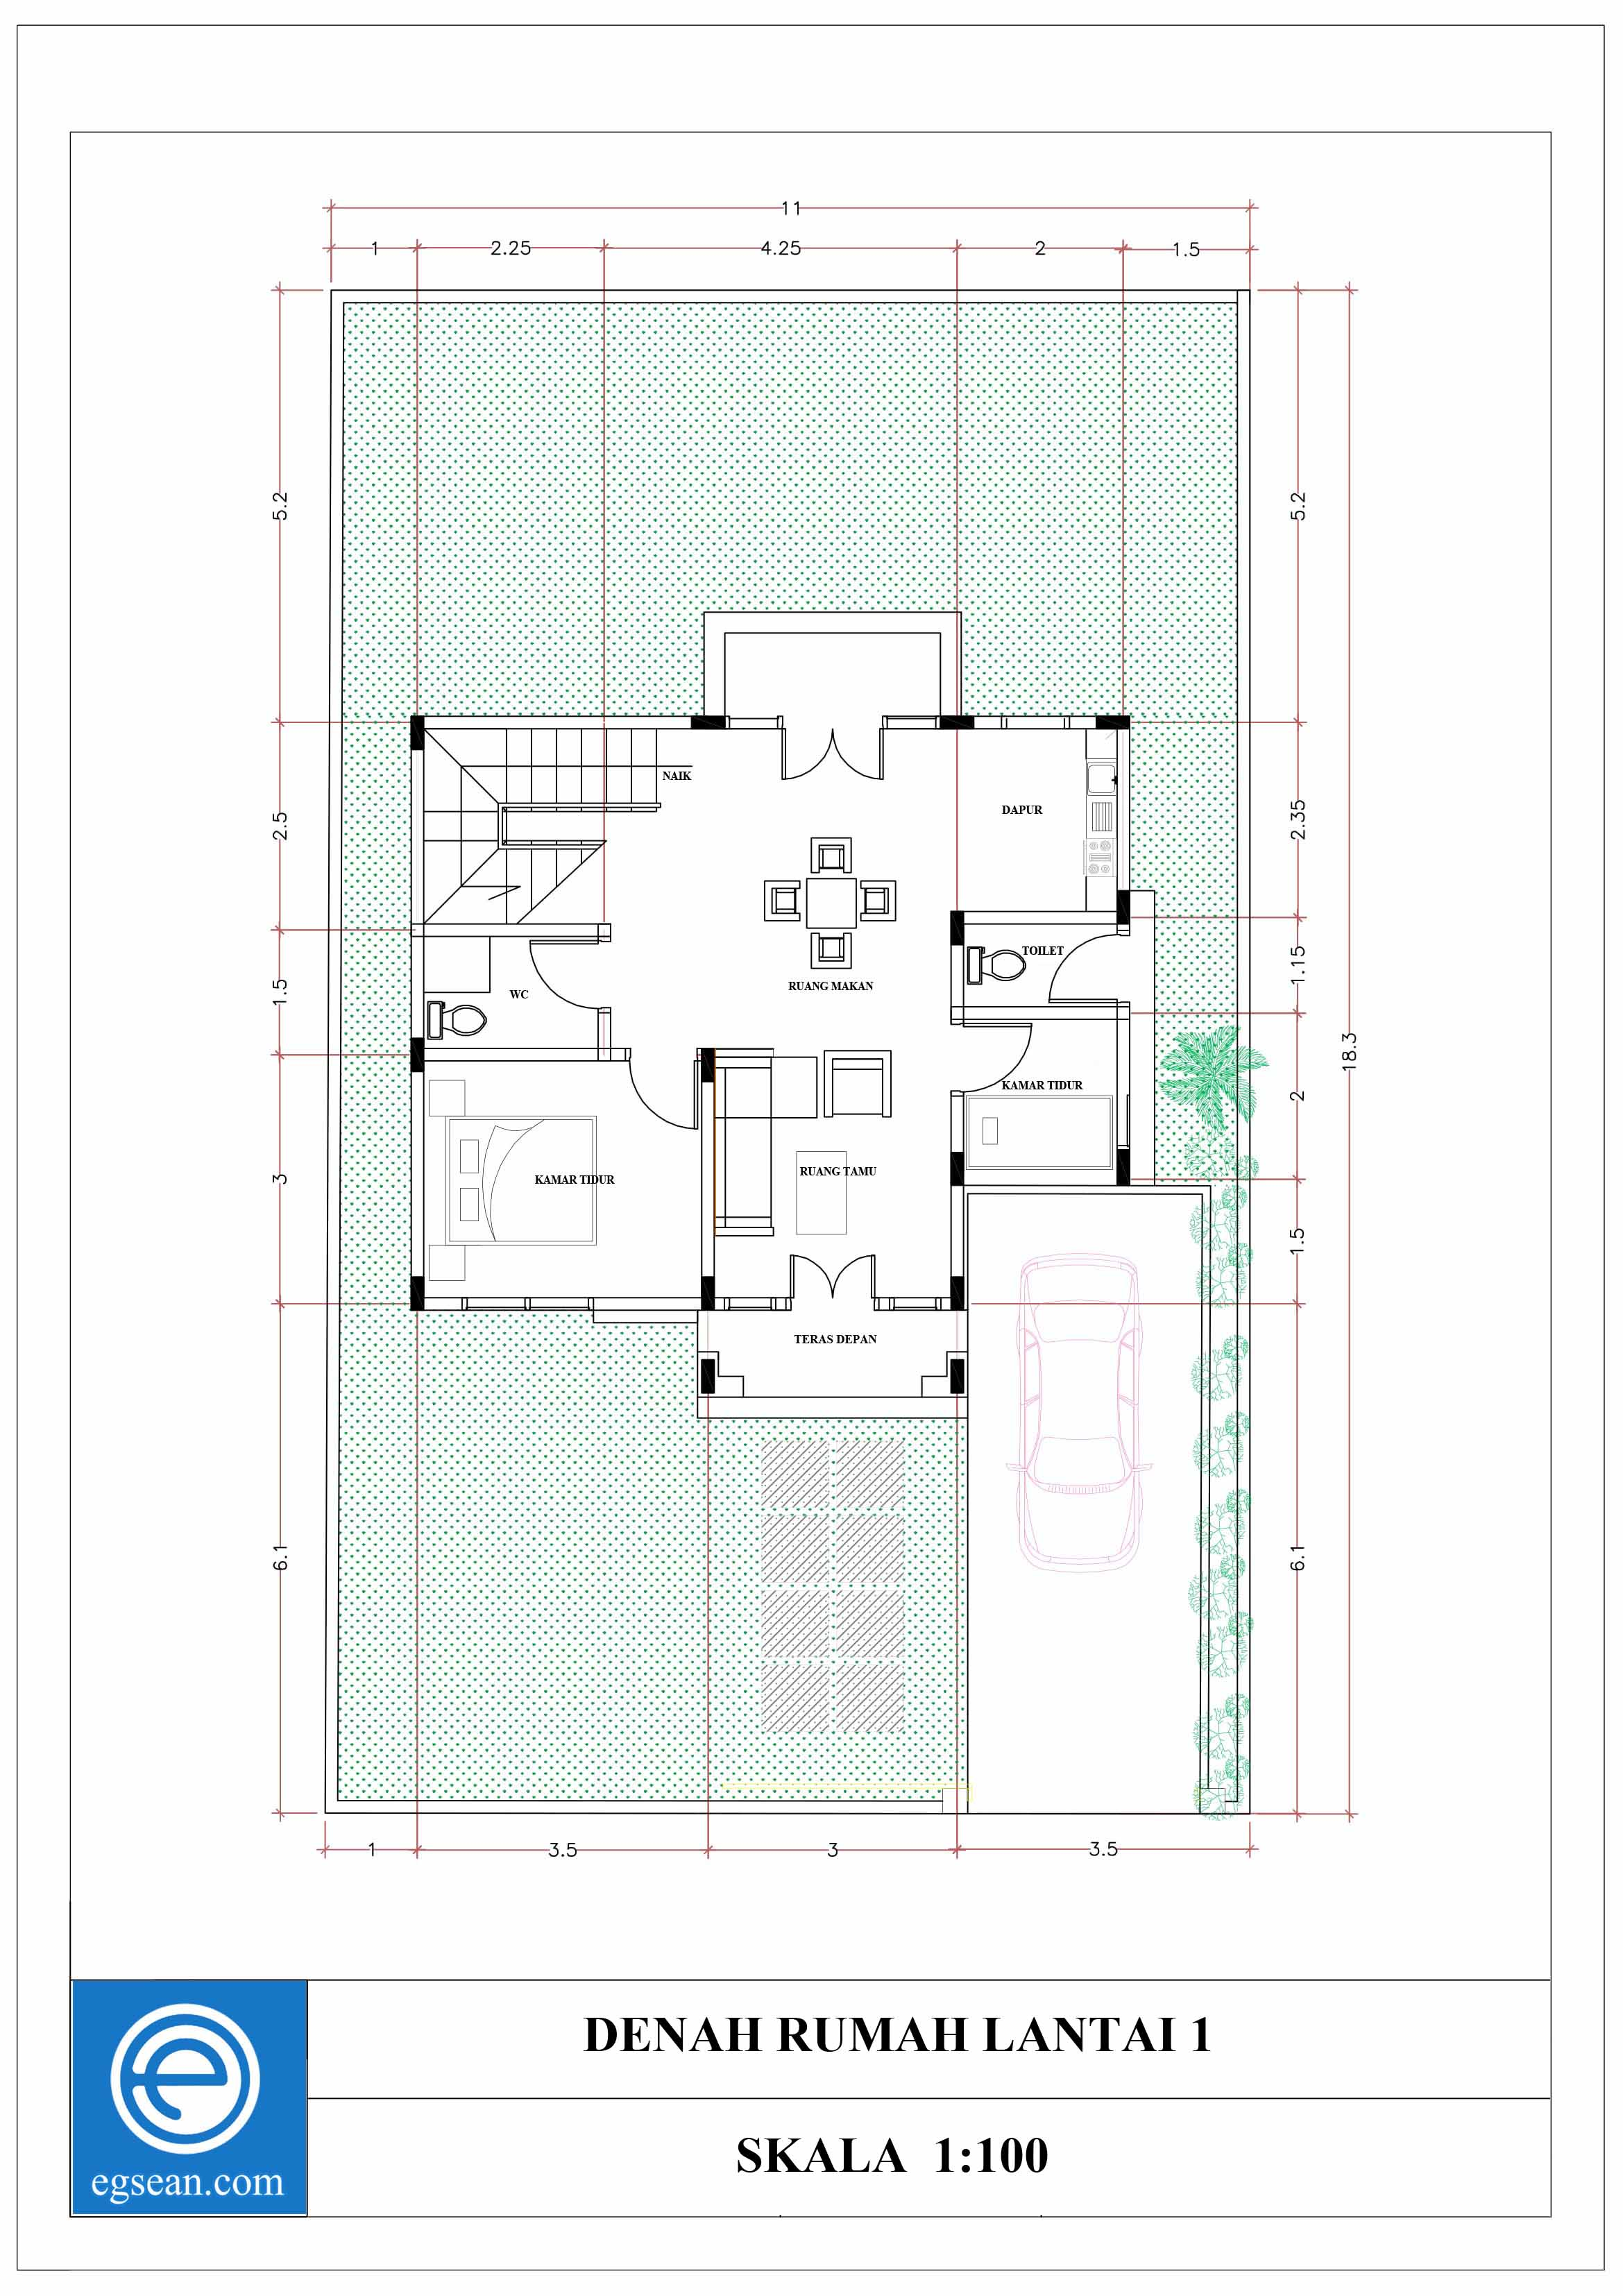 Instalasi listrik rumah dengan memahami wiring diagram somurich instalasi listrik rumah dengan memahami wiring diagram egseanrhegsean ccuart Choice Image